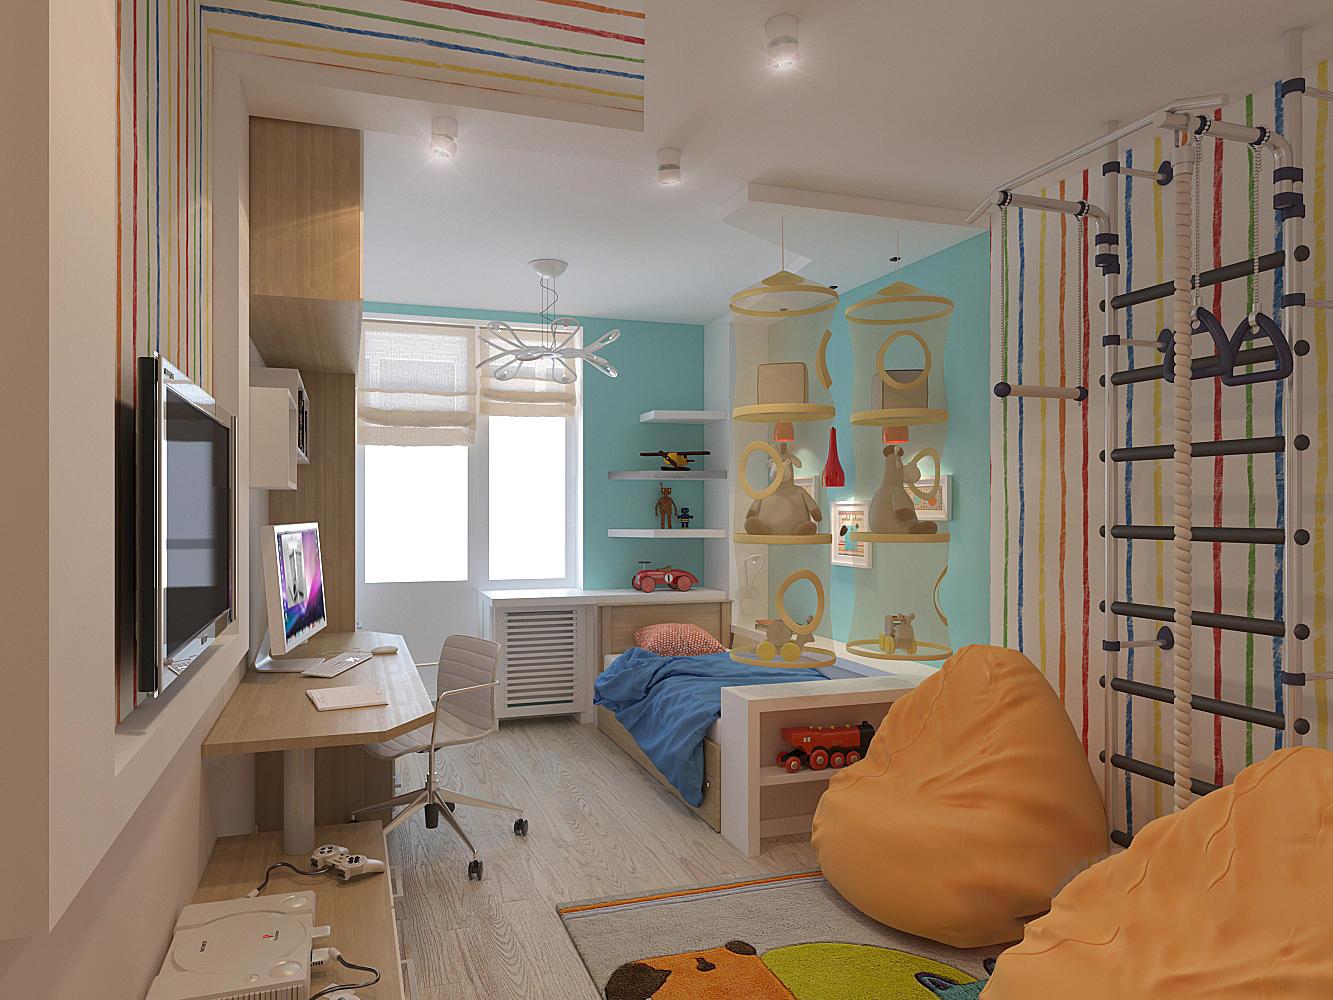 Kinderzimmer 12 Quadratmeter. m: 4 Möglichkeiten den Raum zu